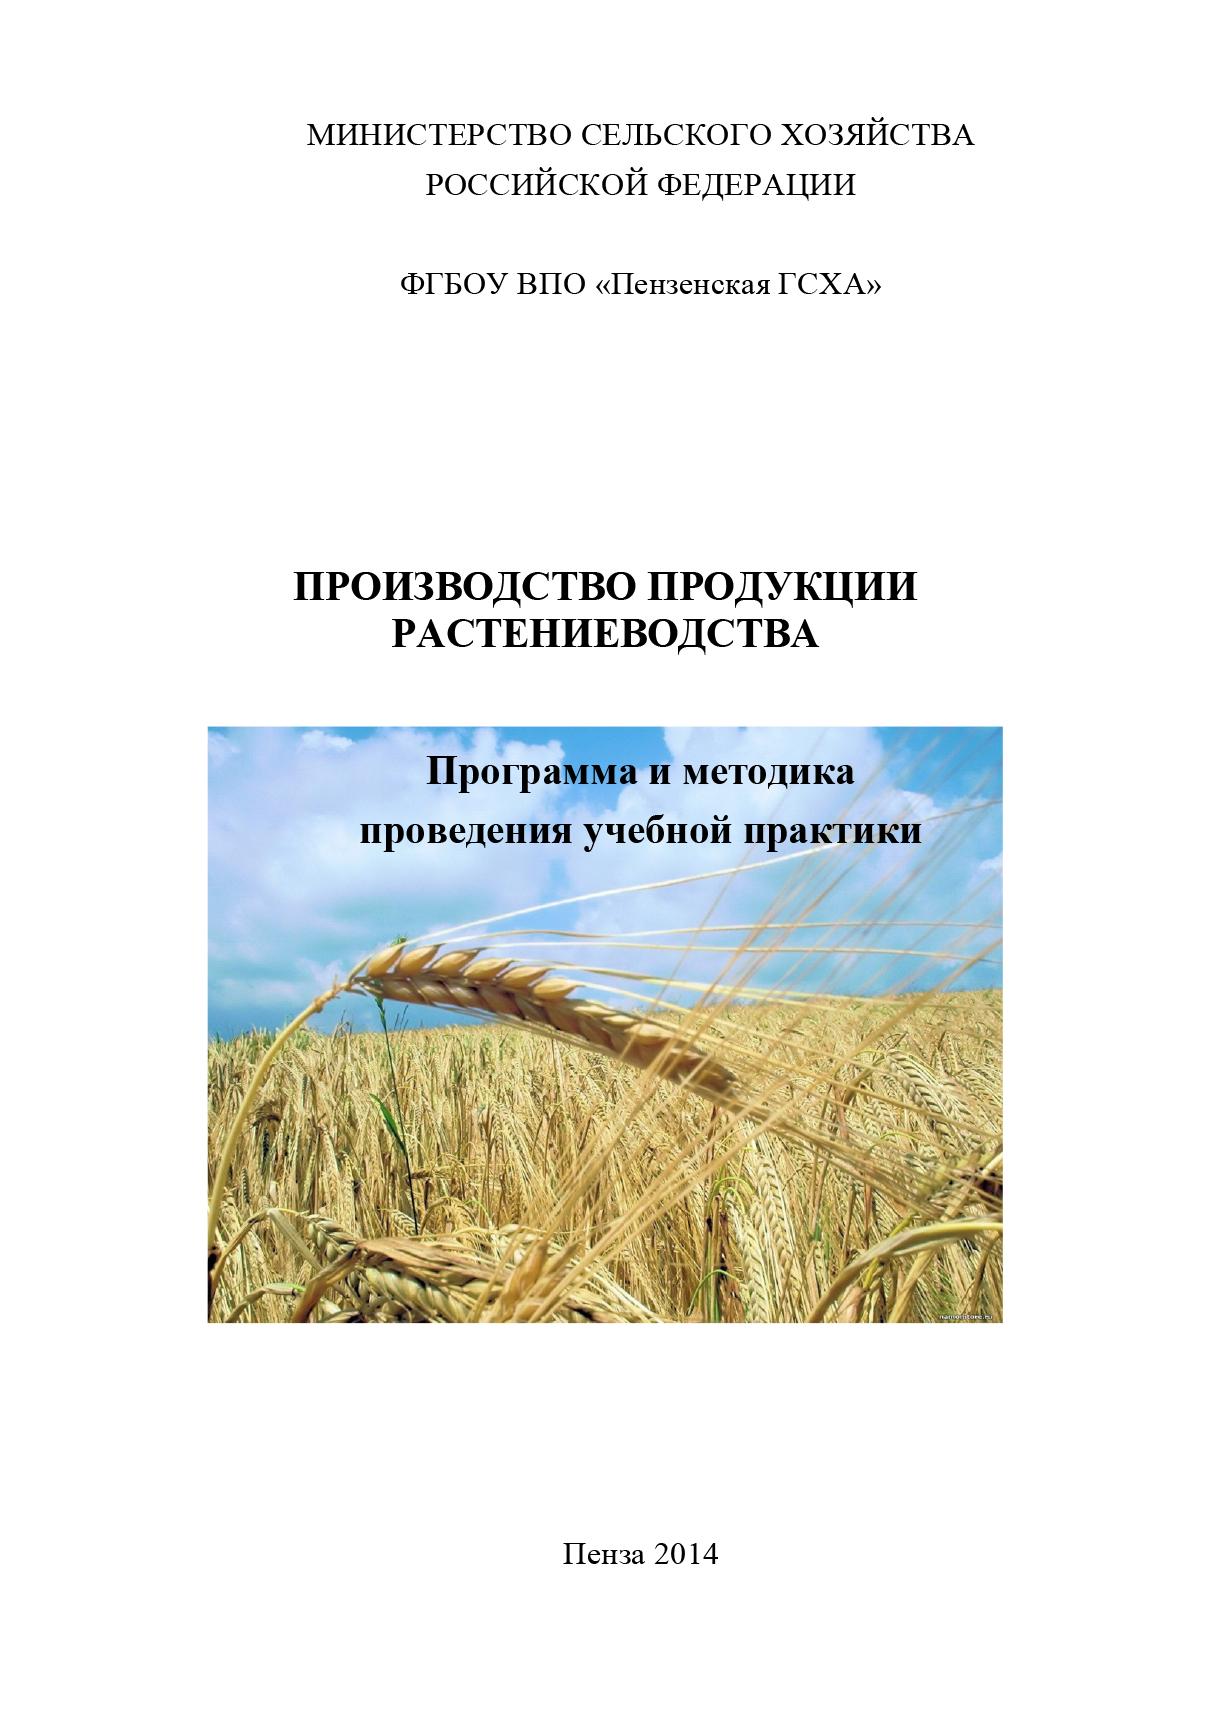 Н. Д. Агапкин Производство продукции растениеводства н д агапкин производство продукции растениеводства